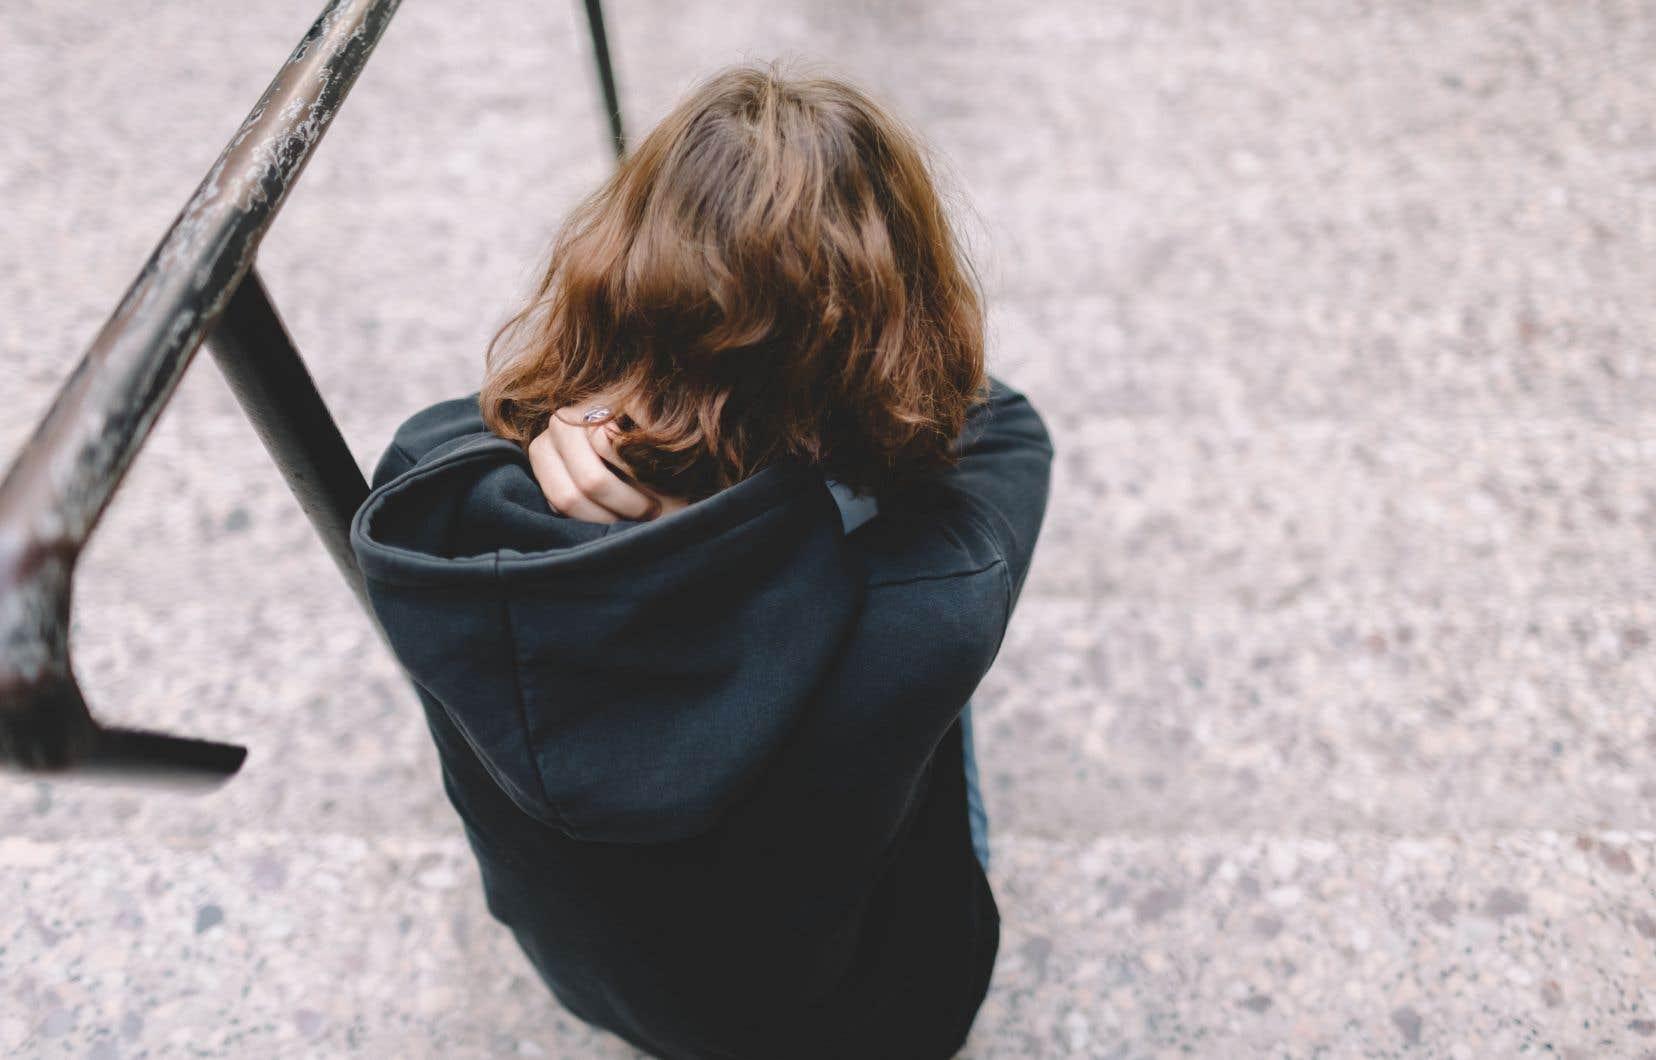 «Les changements d'habitudes, les deuils et les accommodements demandés à nos enfants et à nos adolescents au nom de l'urgence sanitaire sont en train de se transformer en stress chronique, que l'on sait fortement associé à la détresse morale et aux troubles psychiatriques», écrivent les autrices.